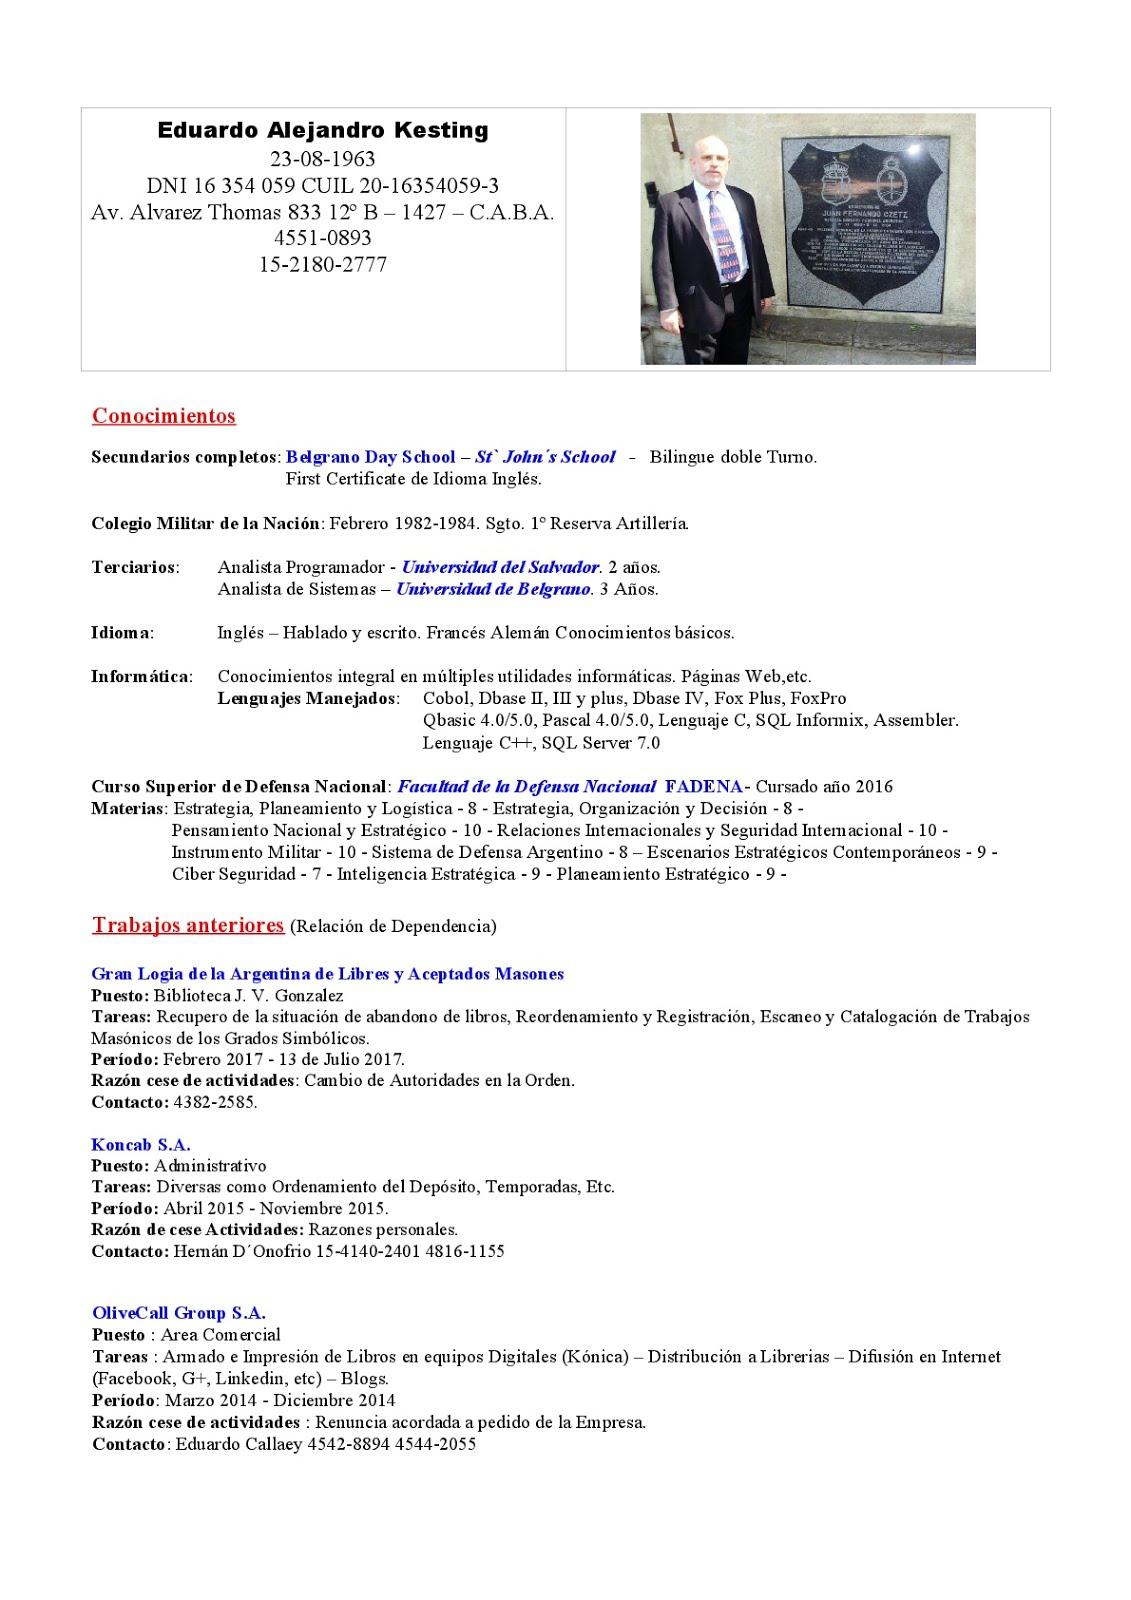 Historias, Instituciones, Personajes por Eduardo Alejandro Kesting ...